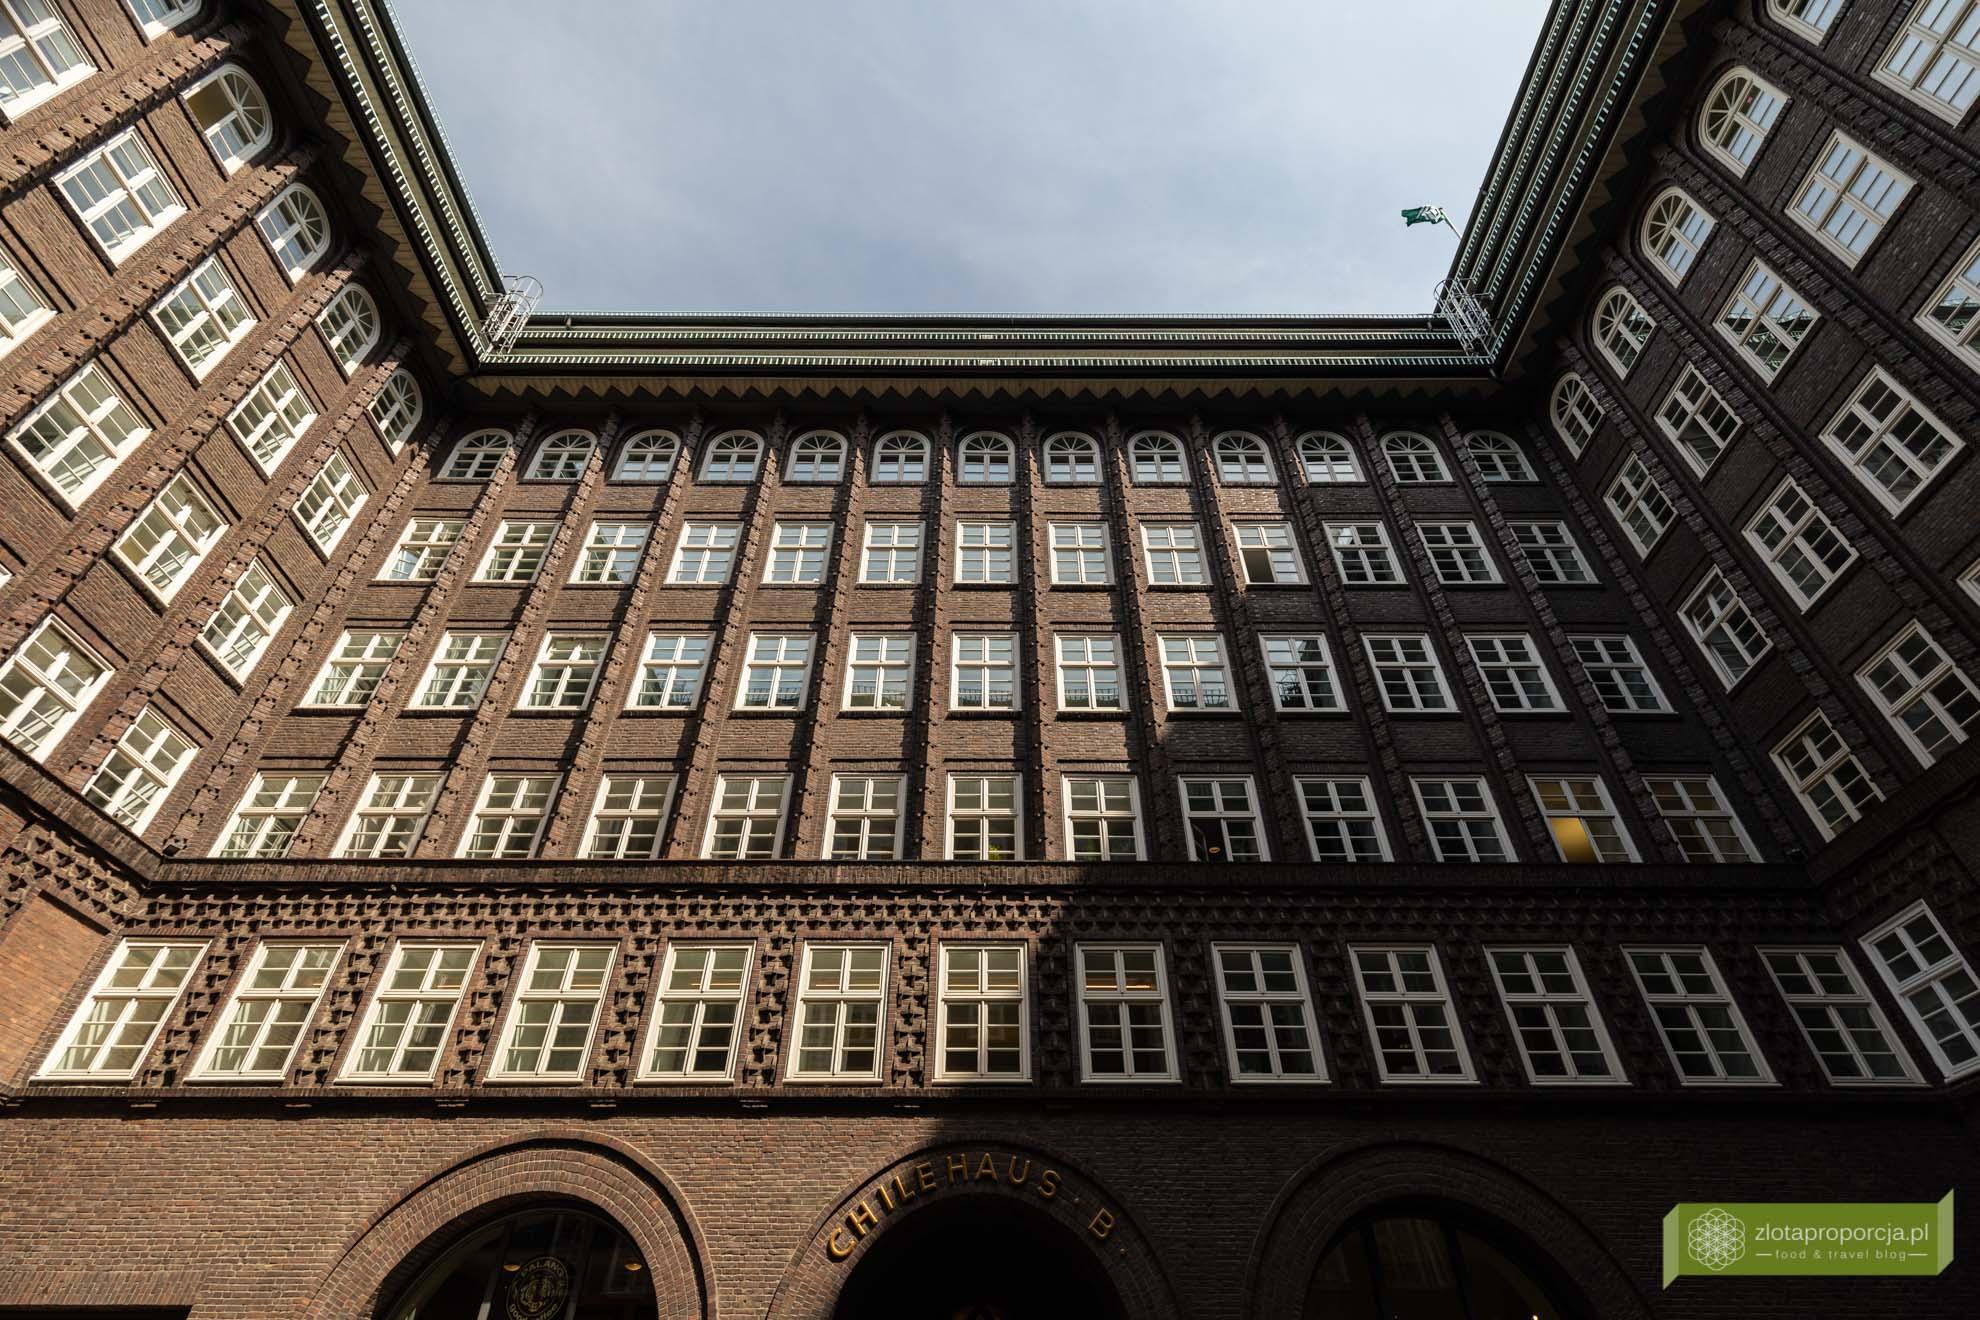 Hamburg, atrakcje Hamburga, Niemcy; Chilehaus, Kontorhausviertel, ekspresjonizm ceglany;